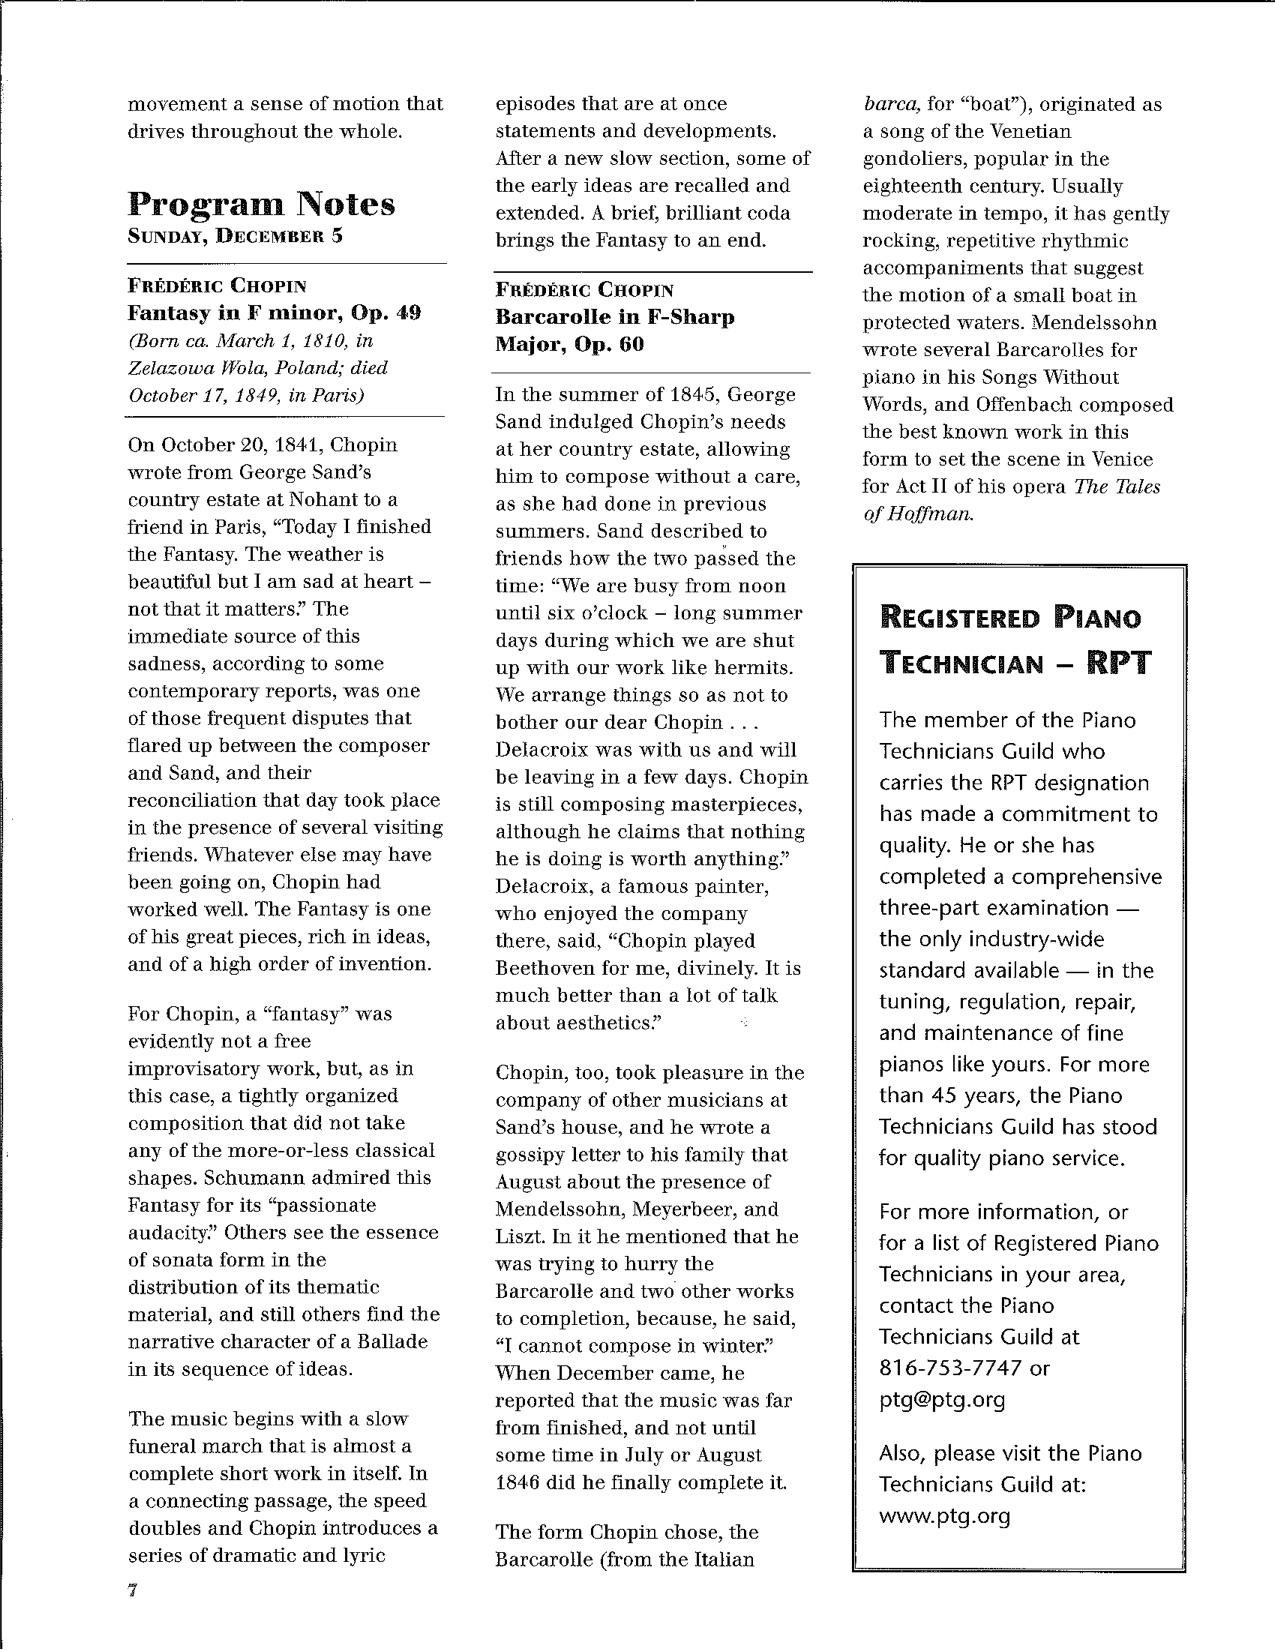 Primakov04-05_Program8.jpg